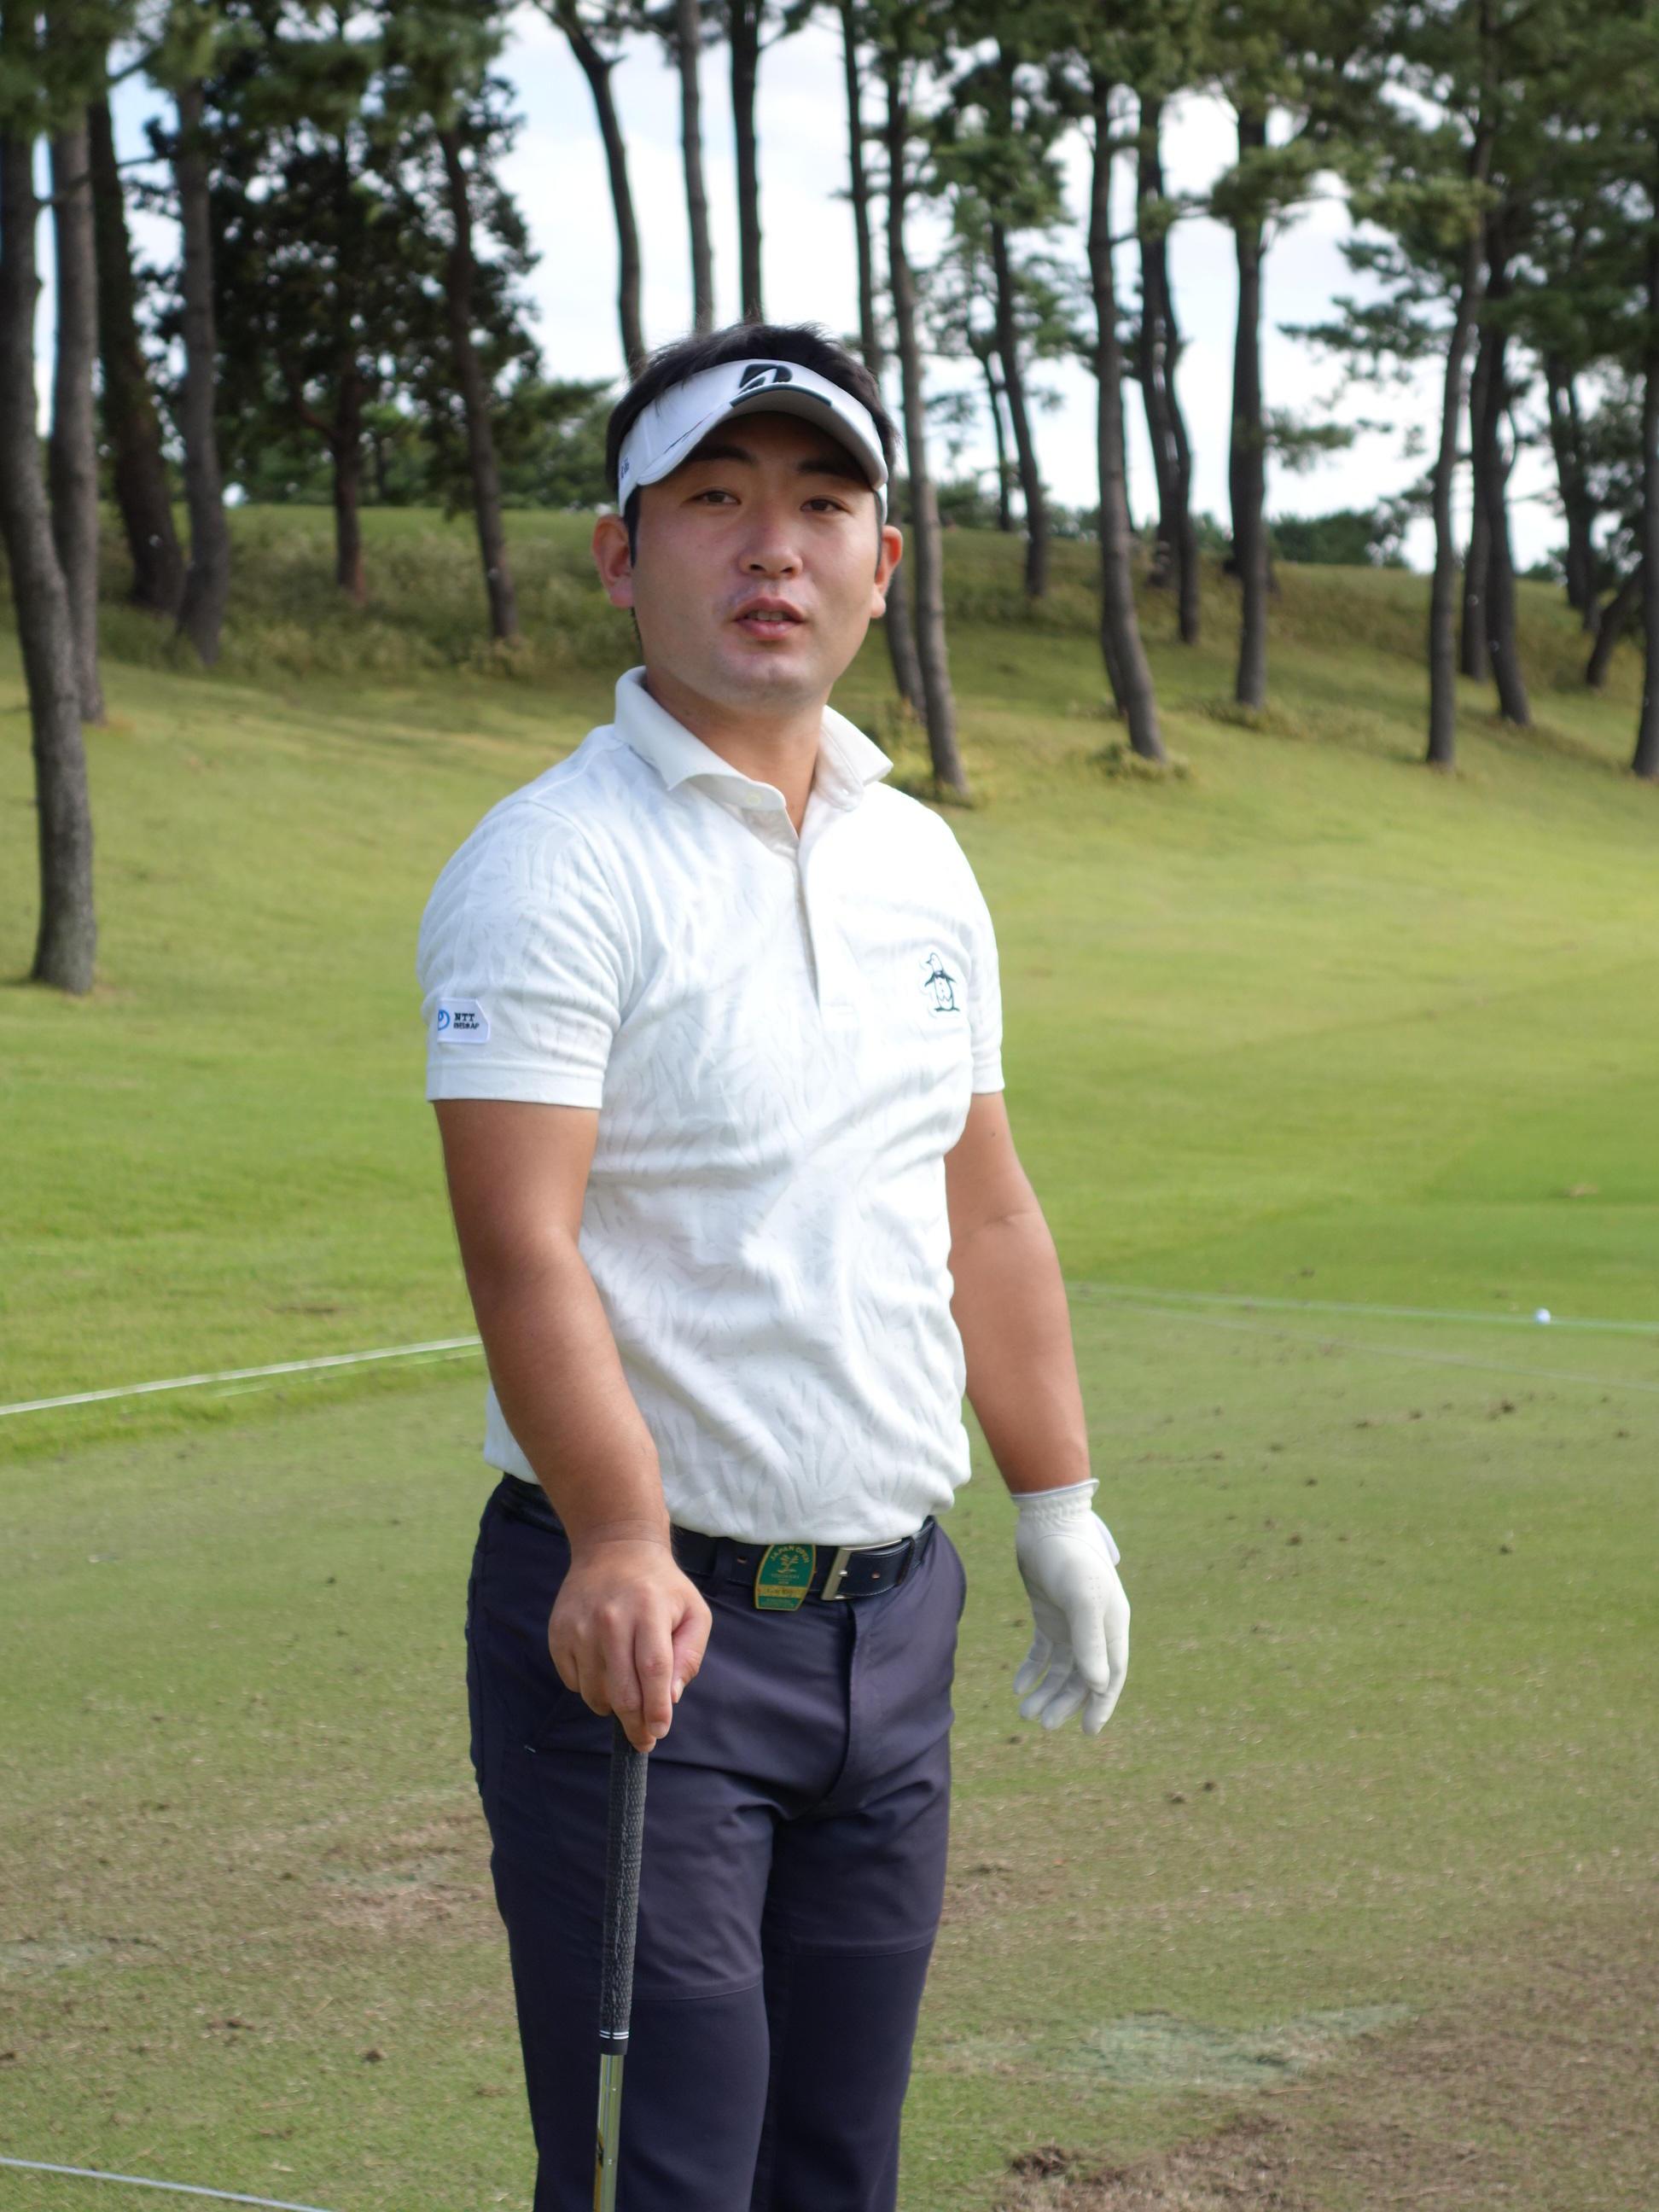 http://www.bs-golf.com/pro/272e1ff74c02c4984c2b355a8b2847431ccae2a7.JPG